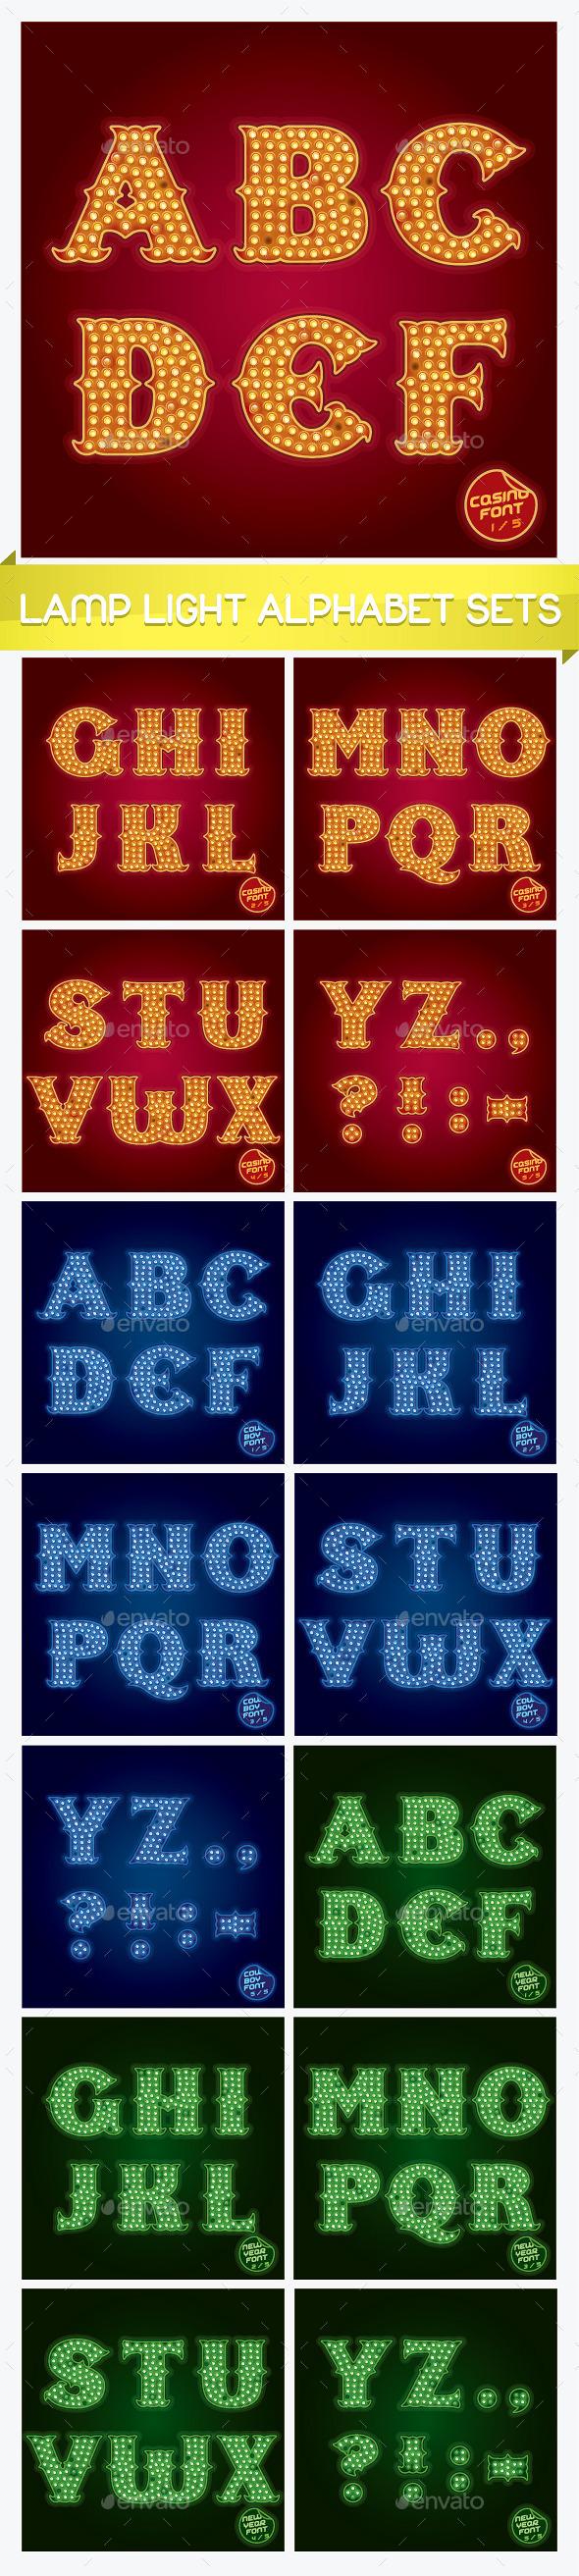 Lamp Light Alphabet Sets - Miscellaneous Vectors